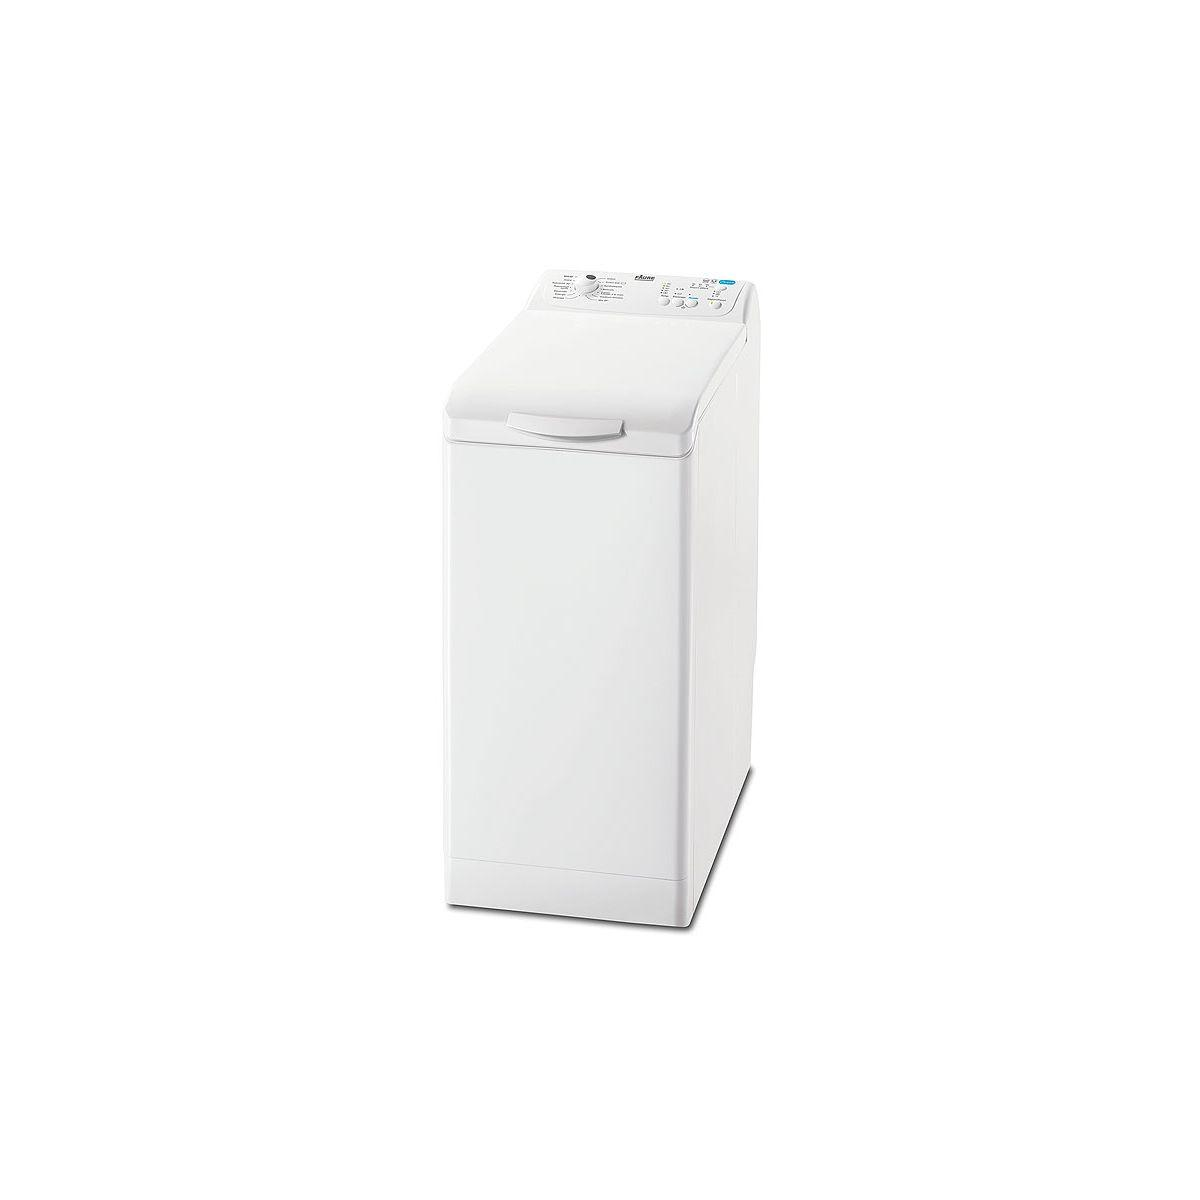 Lave linge top faure fwy51023c - livraison offerte : code livp